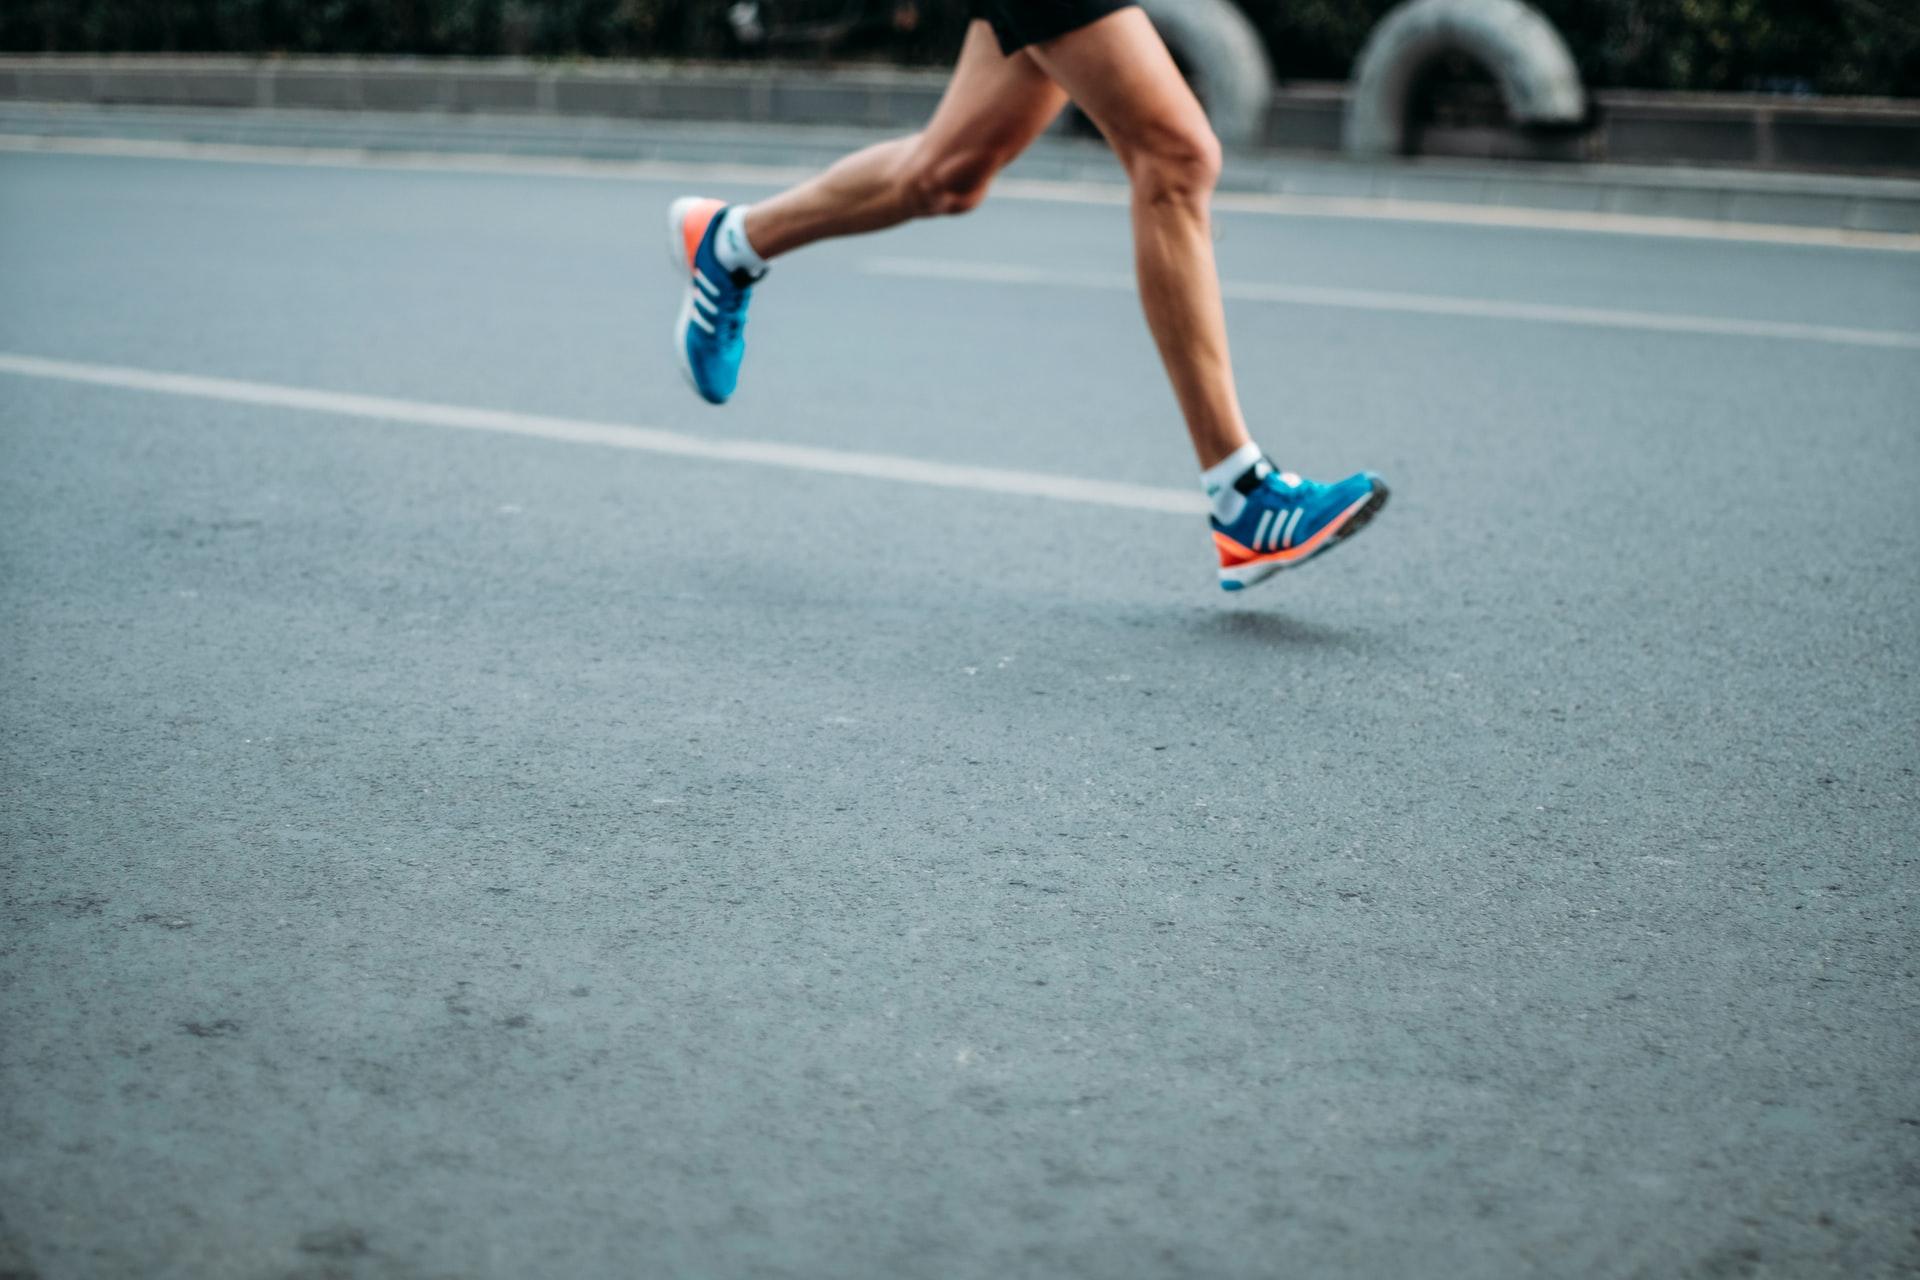 Otro consejo de running para principiantes es utilizar ropa y calzado adecuado